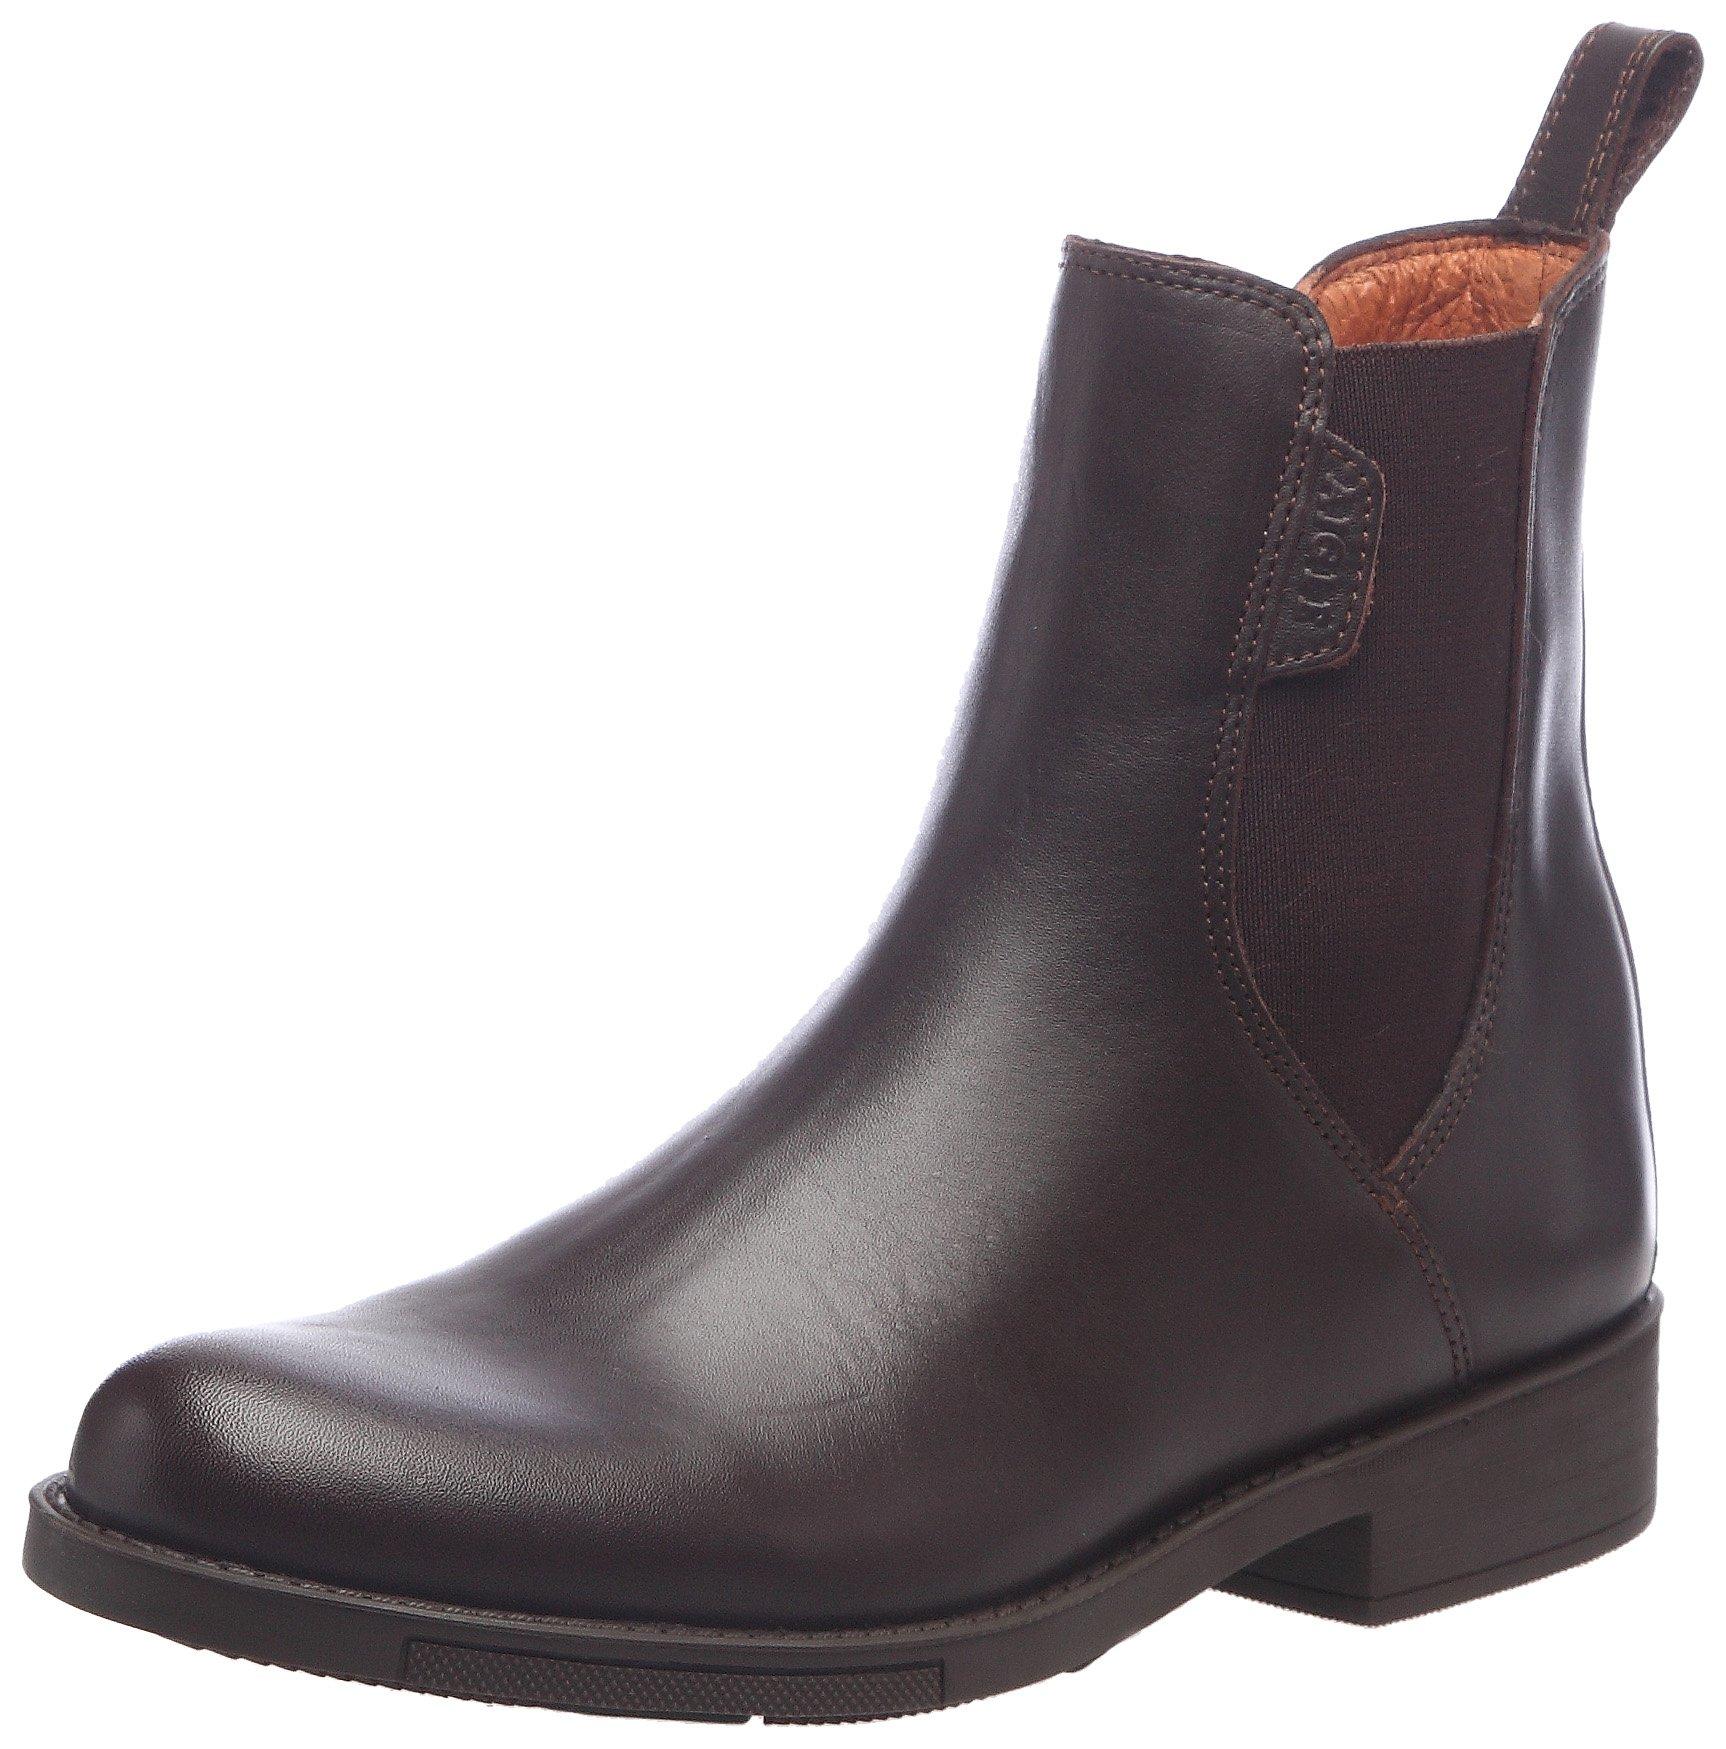 Marrondark D'equitation Eu2 Brown35 5 Uk Chaussure Femme AigleOrzac pSUqMVz